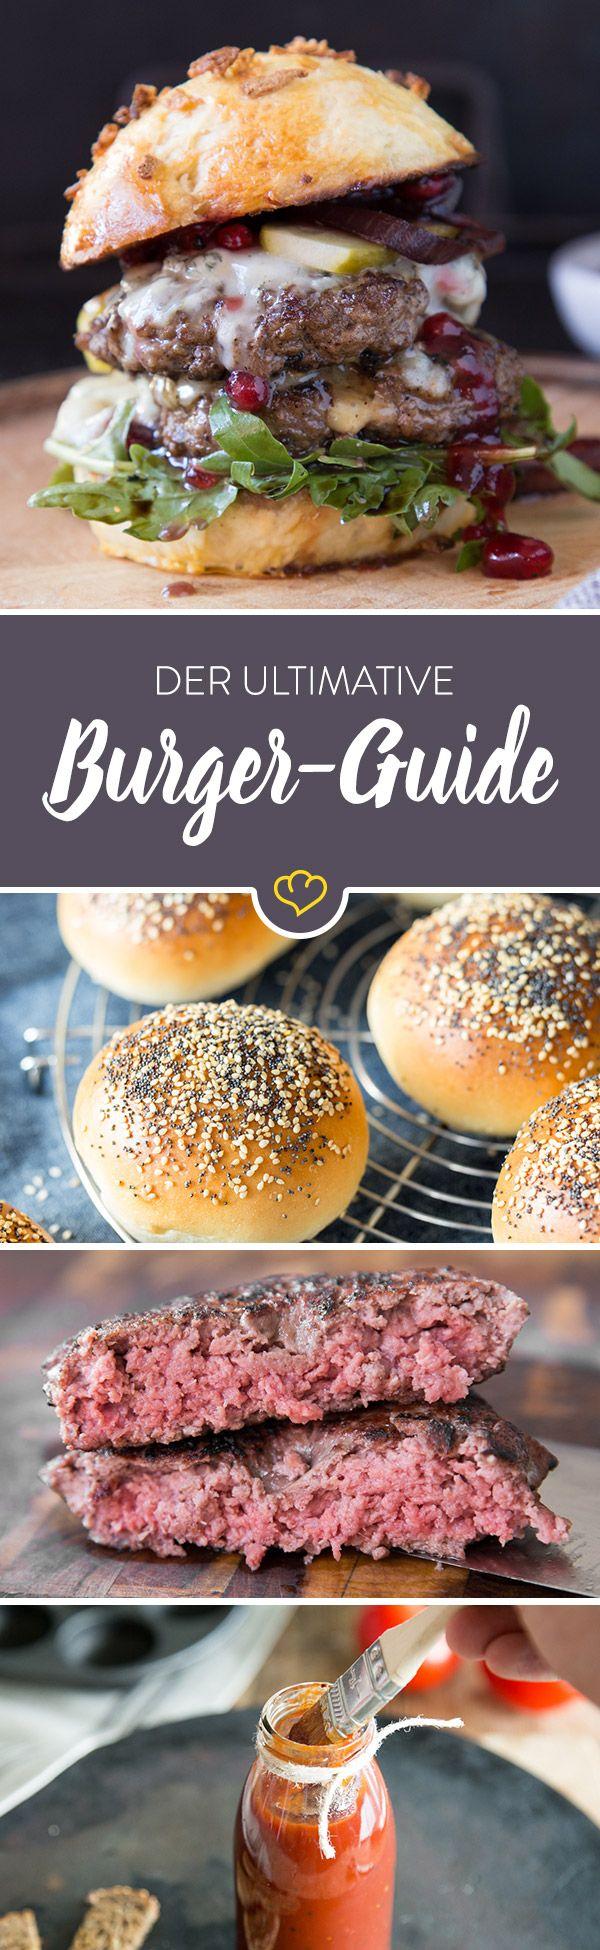 Wie du einen perfekten Burger zu Hause selber machst, das Patty herstellst, die Buns selber backst und Toppings auswählst, erfährst du in diesem Guide.